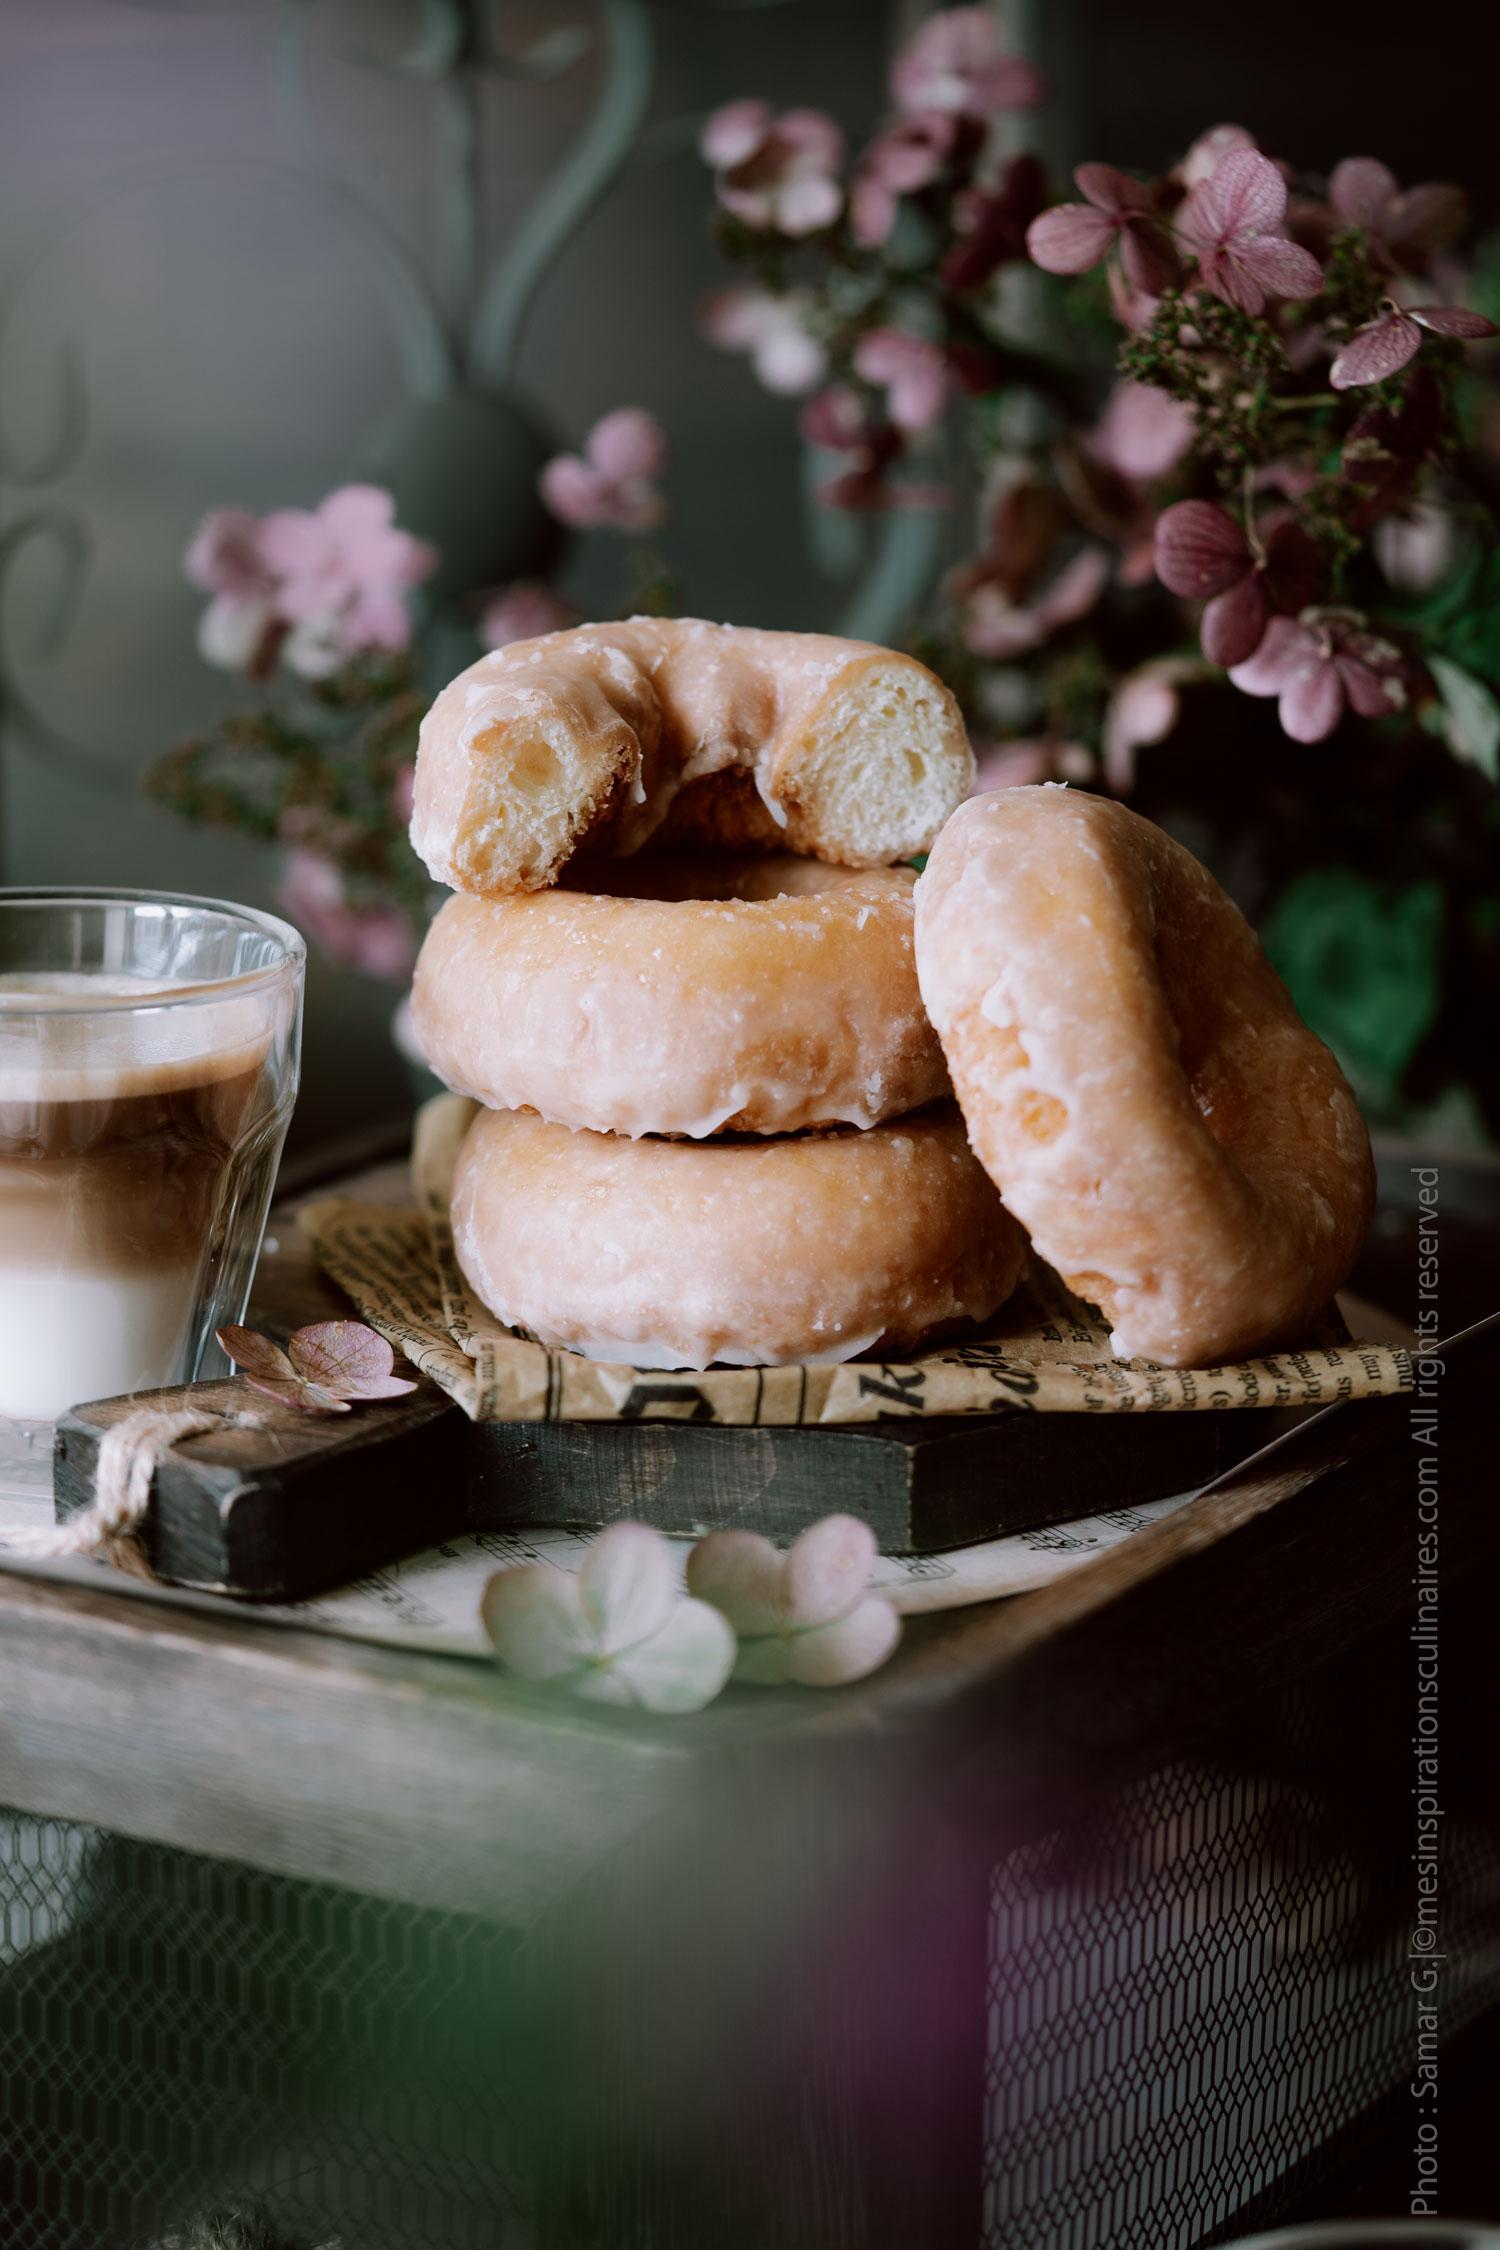 Les donuts, recette traditionnelle au glaçage